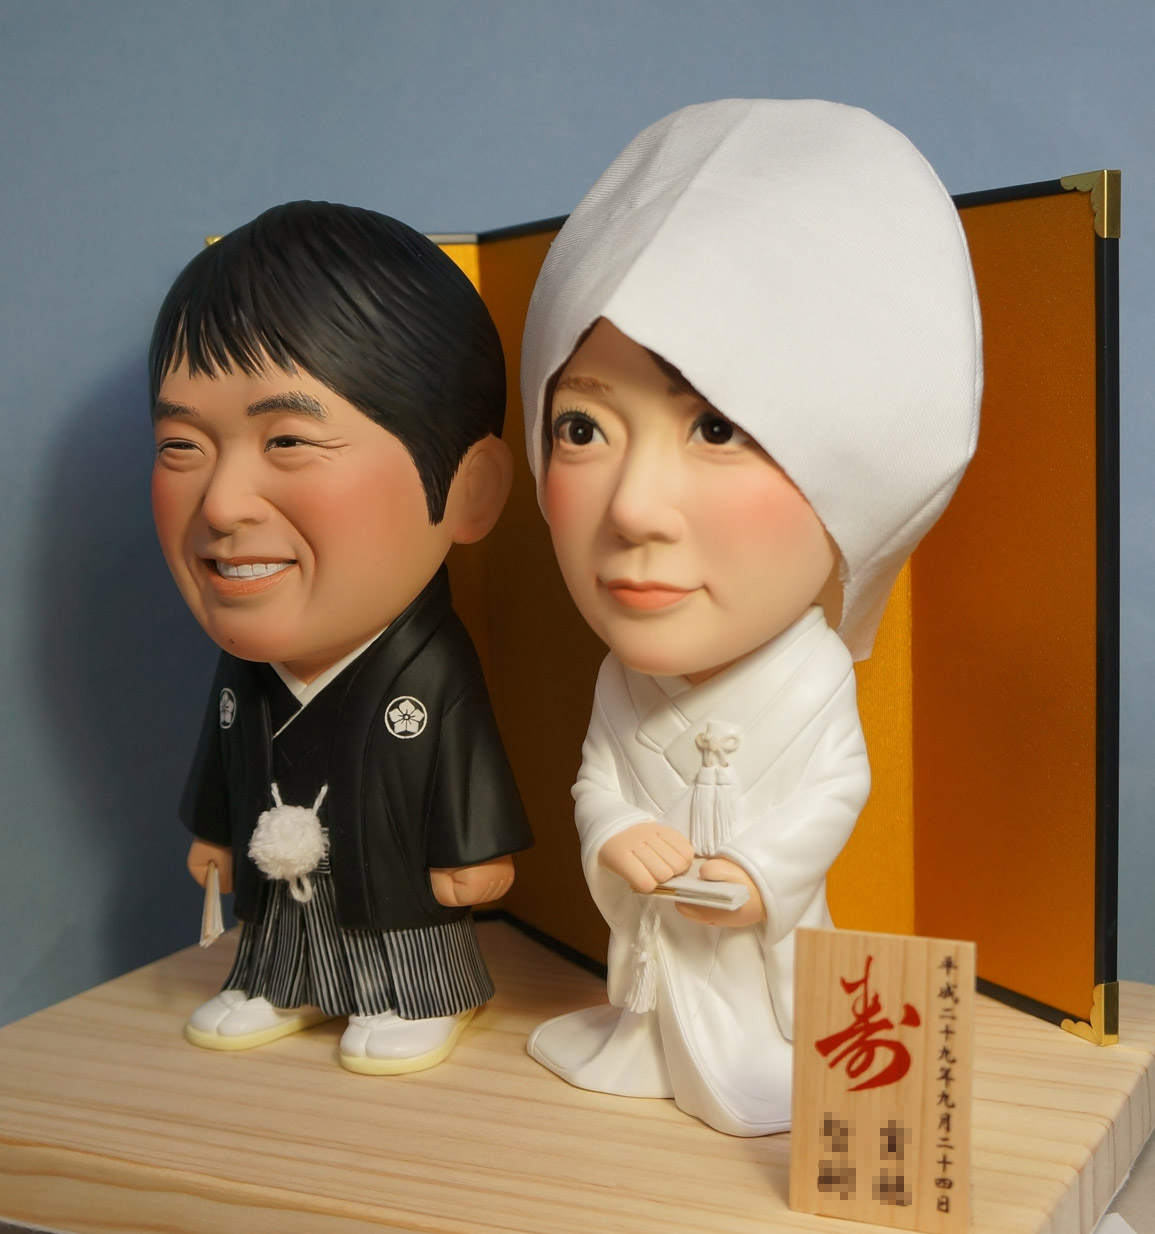 ウェルカムドール・素敵な和装・脱着式綿帽子-そっくり人形参考作品例-60-2